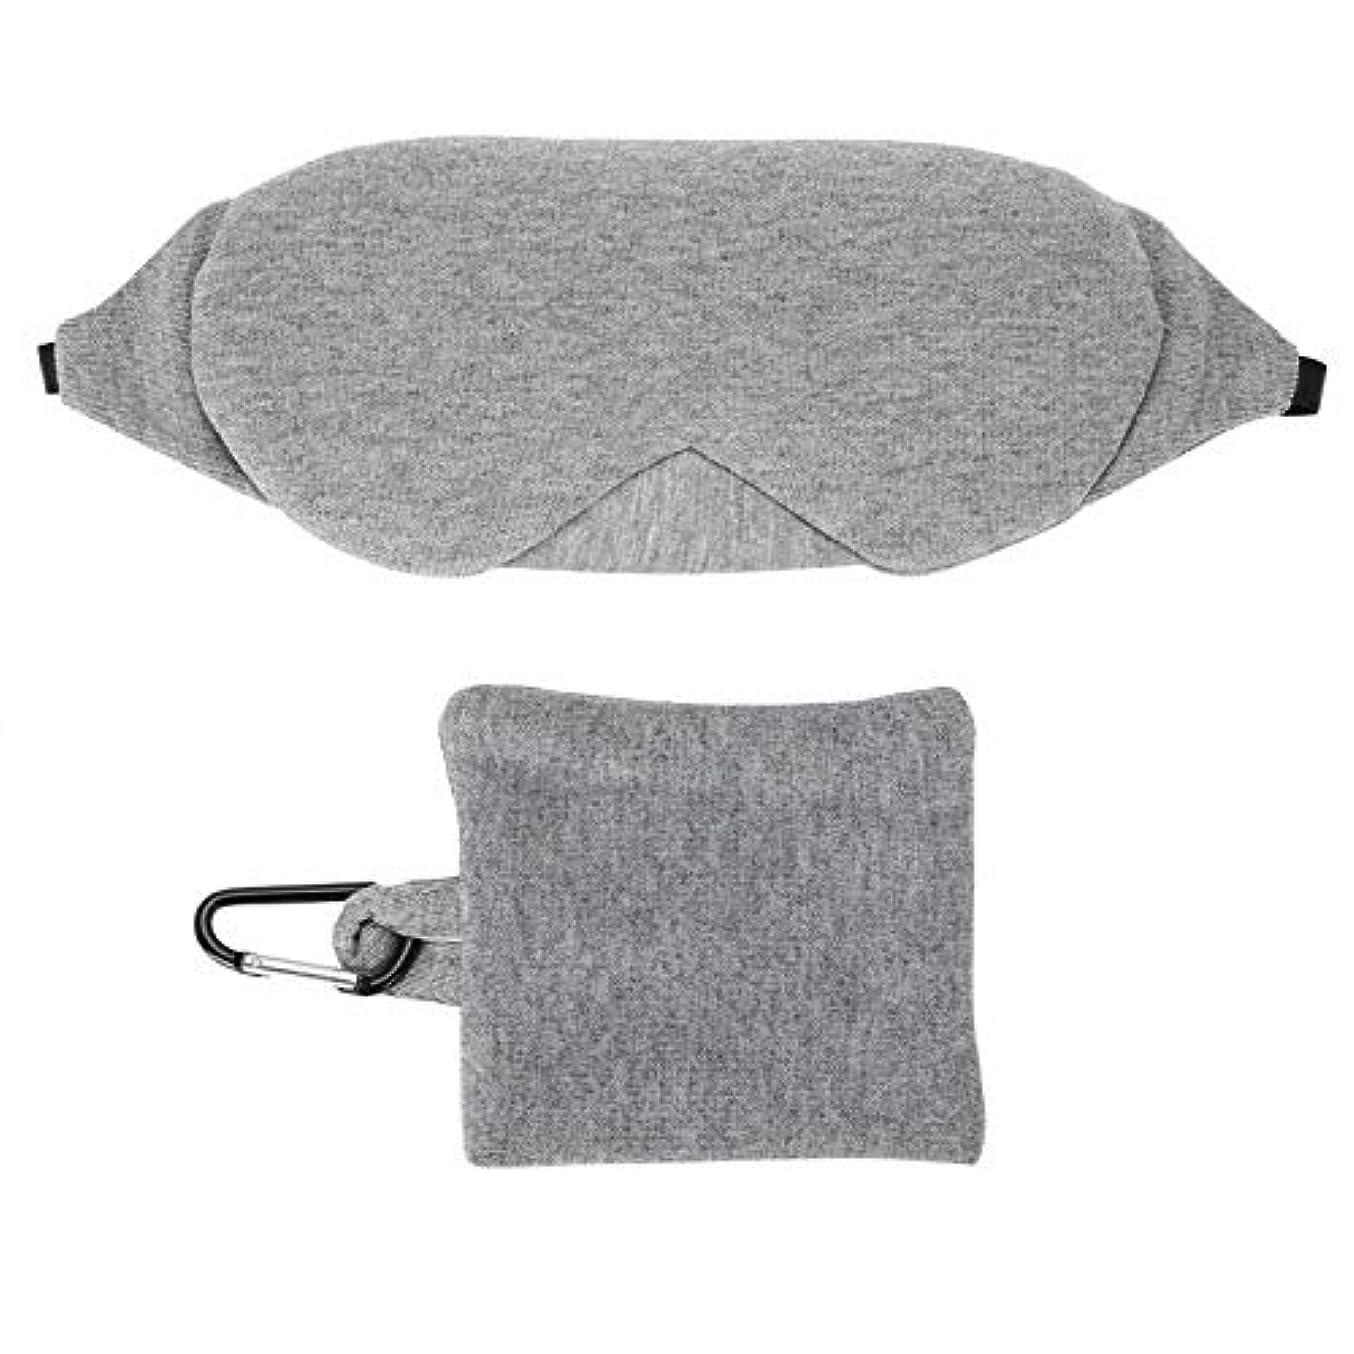 ライフル政治検出するNOTE 調節可能な睡眠マスク通気性アイシェードカバー睡眠目隠しアイパッチ睡眠マスクヘルプ不眠症ヘルスケアツール